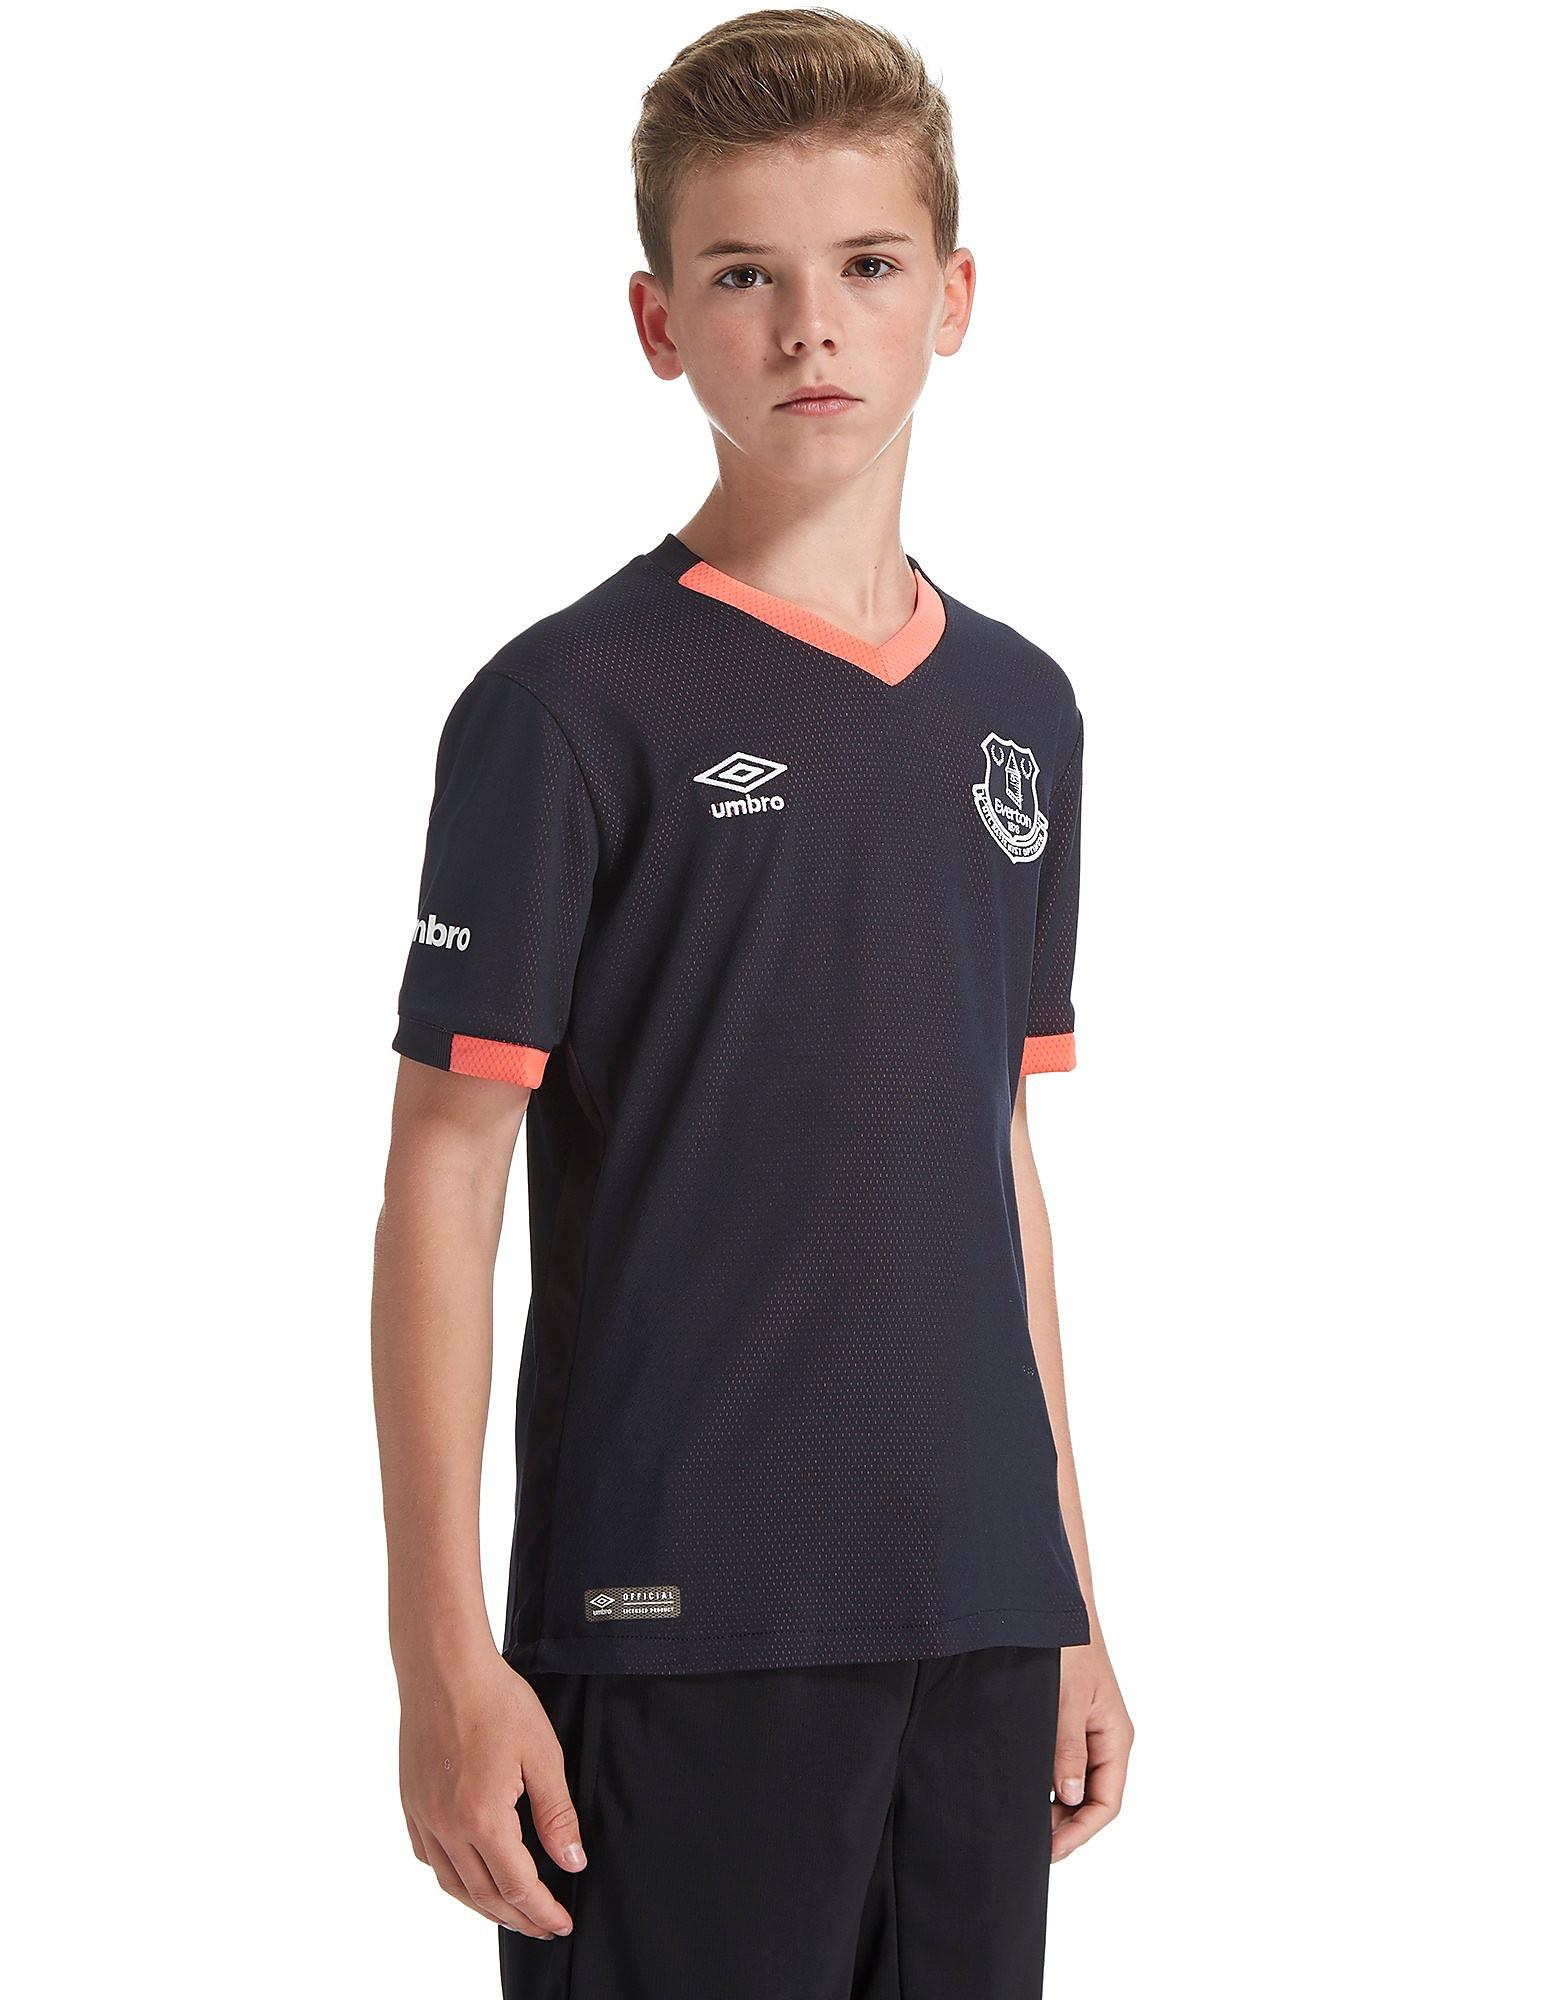 Umbro Everton FC 2016/17 Away Shirt Junior